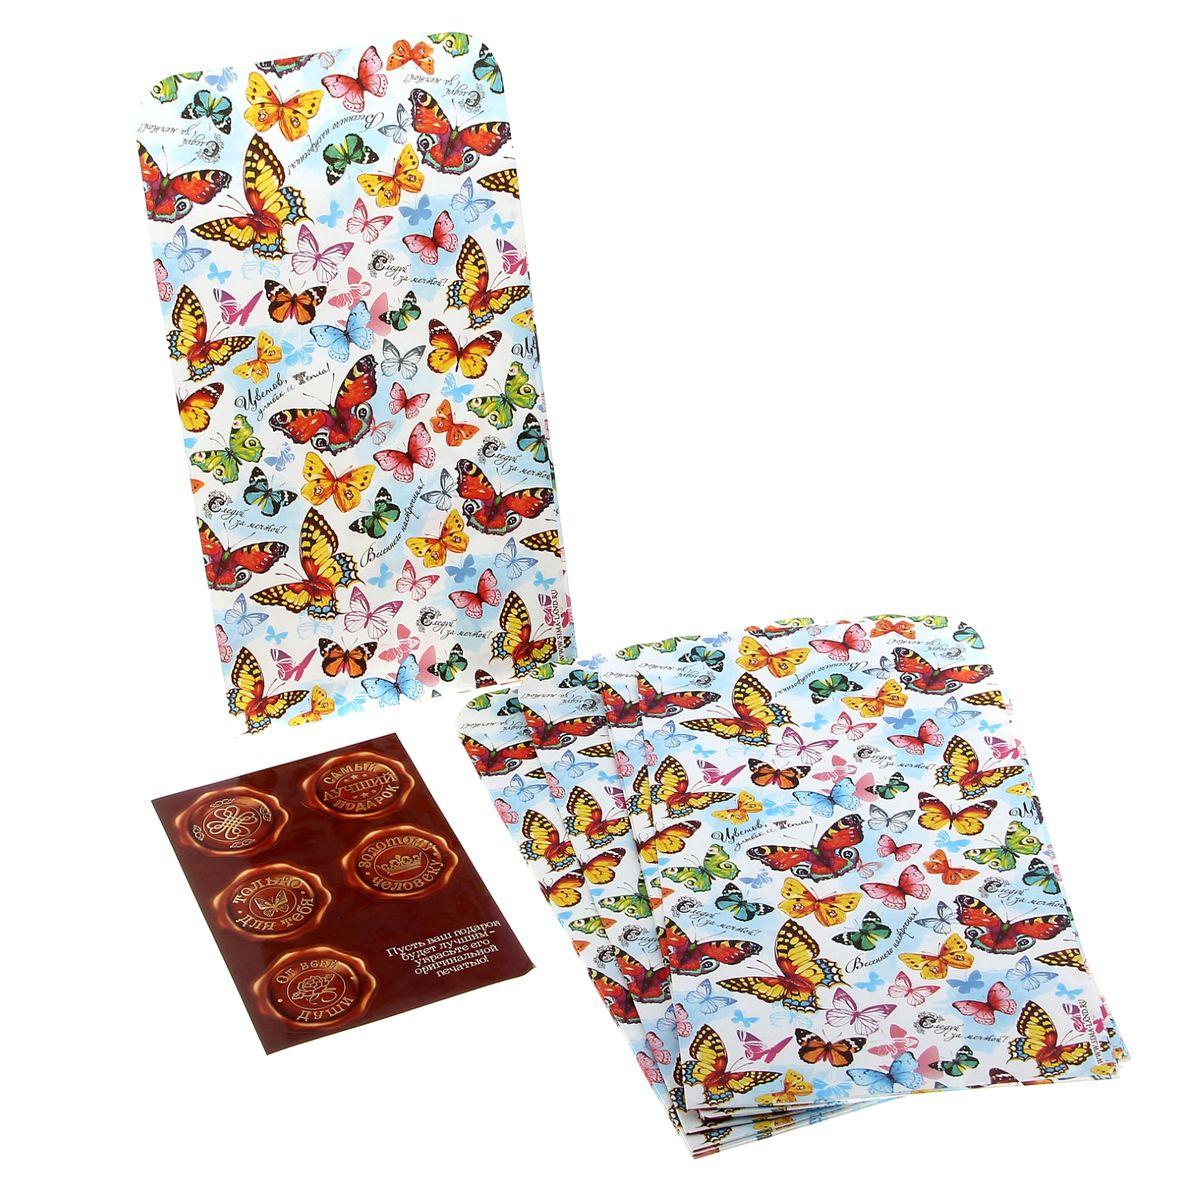 Набор подарочных крафт-конвертов Sima-land Бабочки, 21 см х 14 см, 10 шт152357Набор Sima-land Бабочки включает 10 подарочных конвертов, изготовленных из крафт-бумаги. Они оформлены красочным изображением разноцветных бабочек и разными надписями. Такой конверт прекрасно подойдет для поздравительной открытки, любовного послания, денежного подарка. Внимание к упаковке подарка позволит ему стать памятным и запоминающимся, а также вызовет море положительных эмоций у получателя. Конверт скрепляется специальной наклейкой, стилизованной под восковую печать (в комплекте 10 штук).